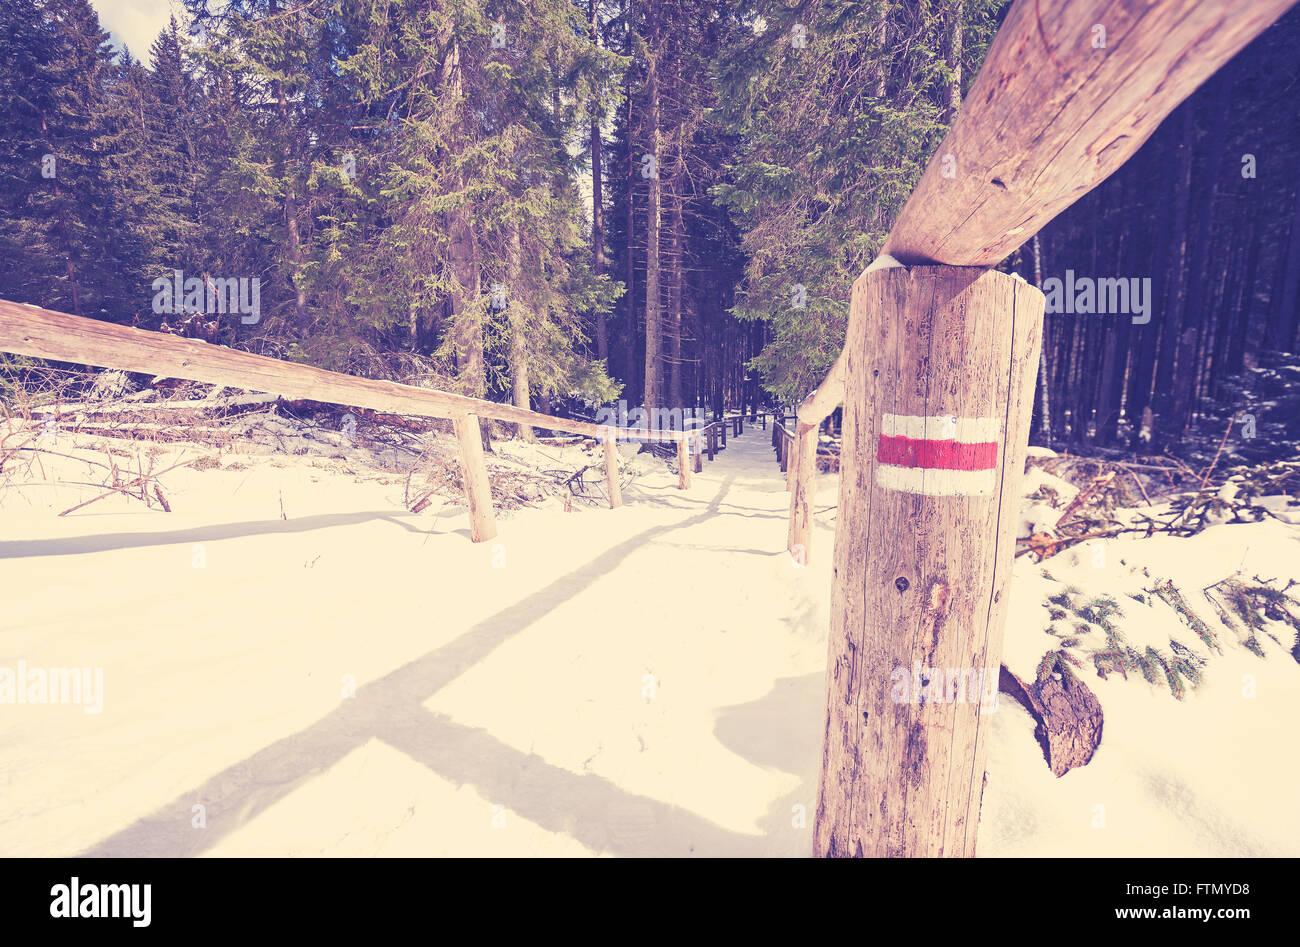 Vintage getönten Trail gemalt auf Barsch zu unterzeichnen, im winter in der hohen Tatra, Polen. Stockbild